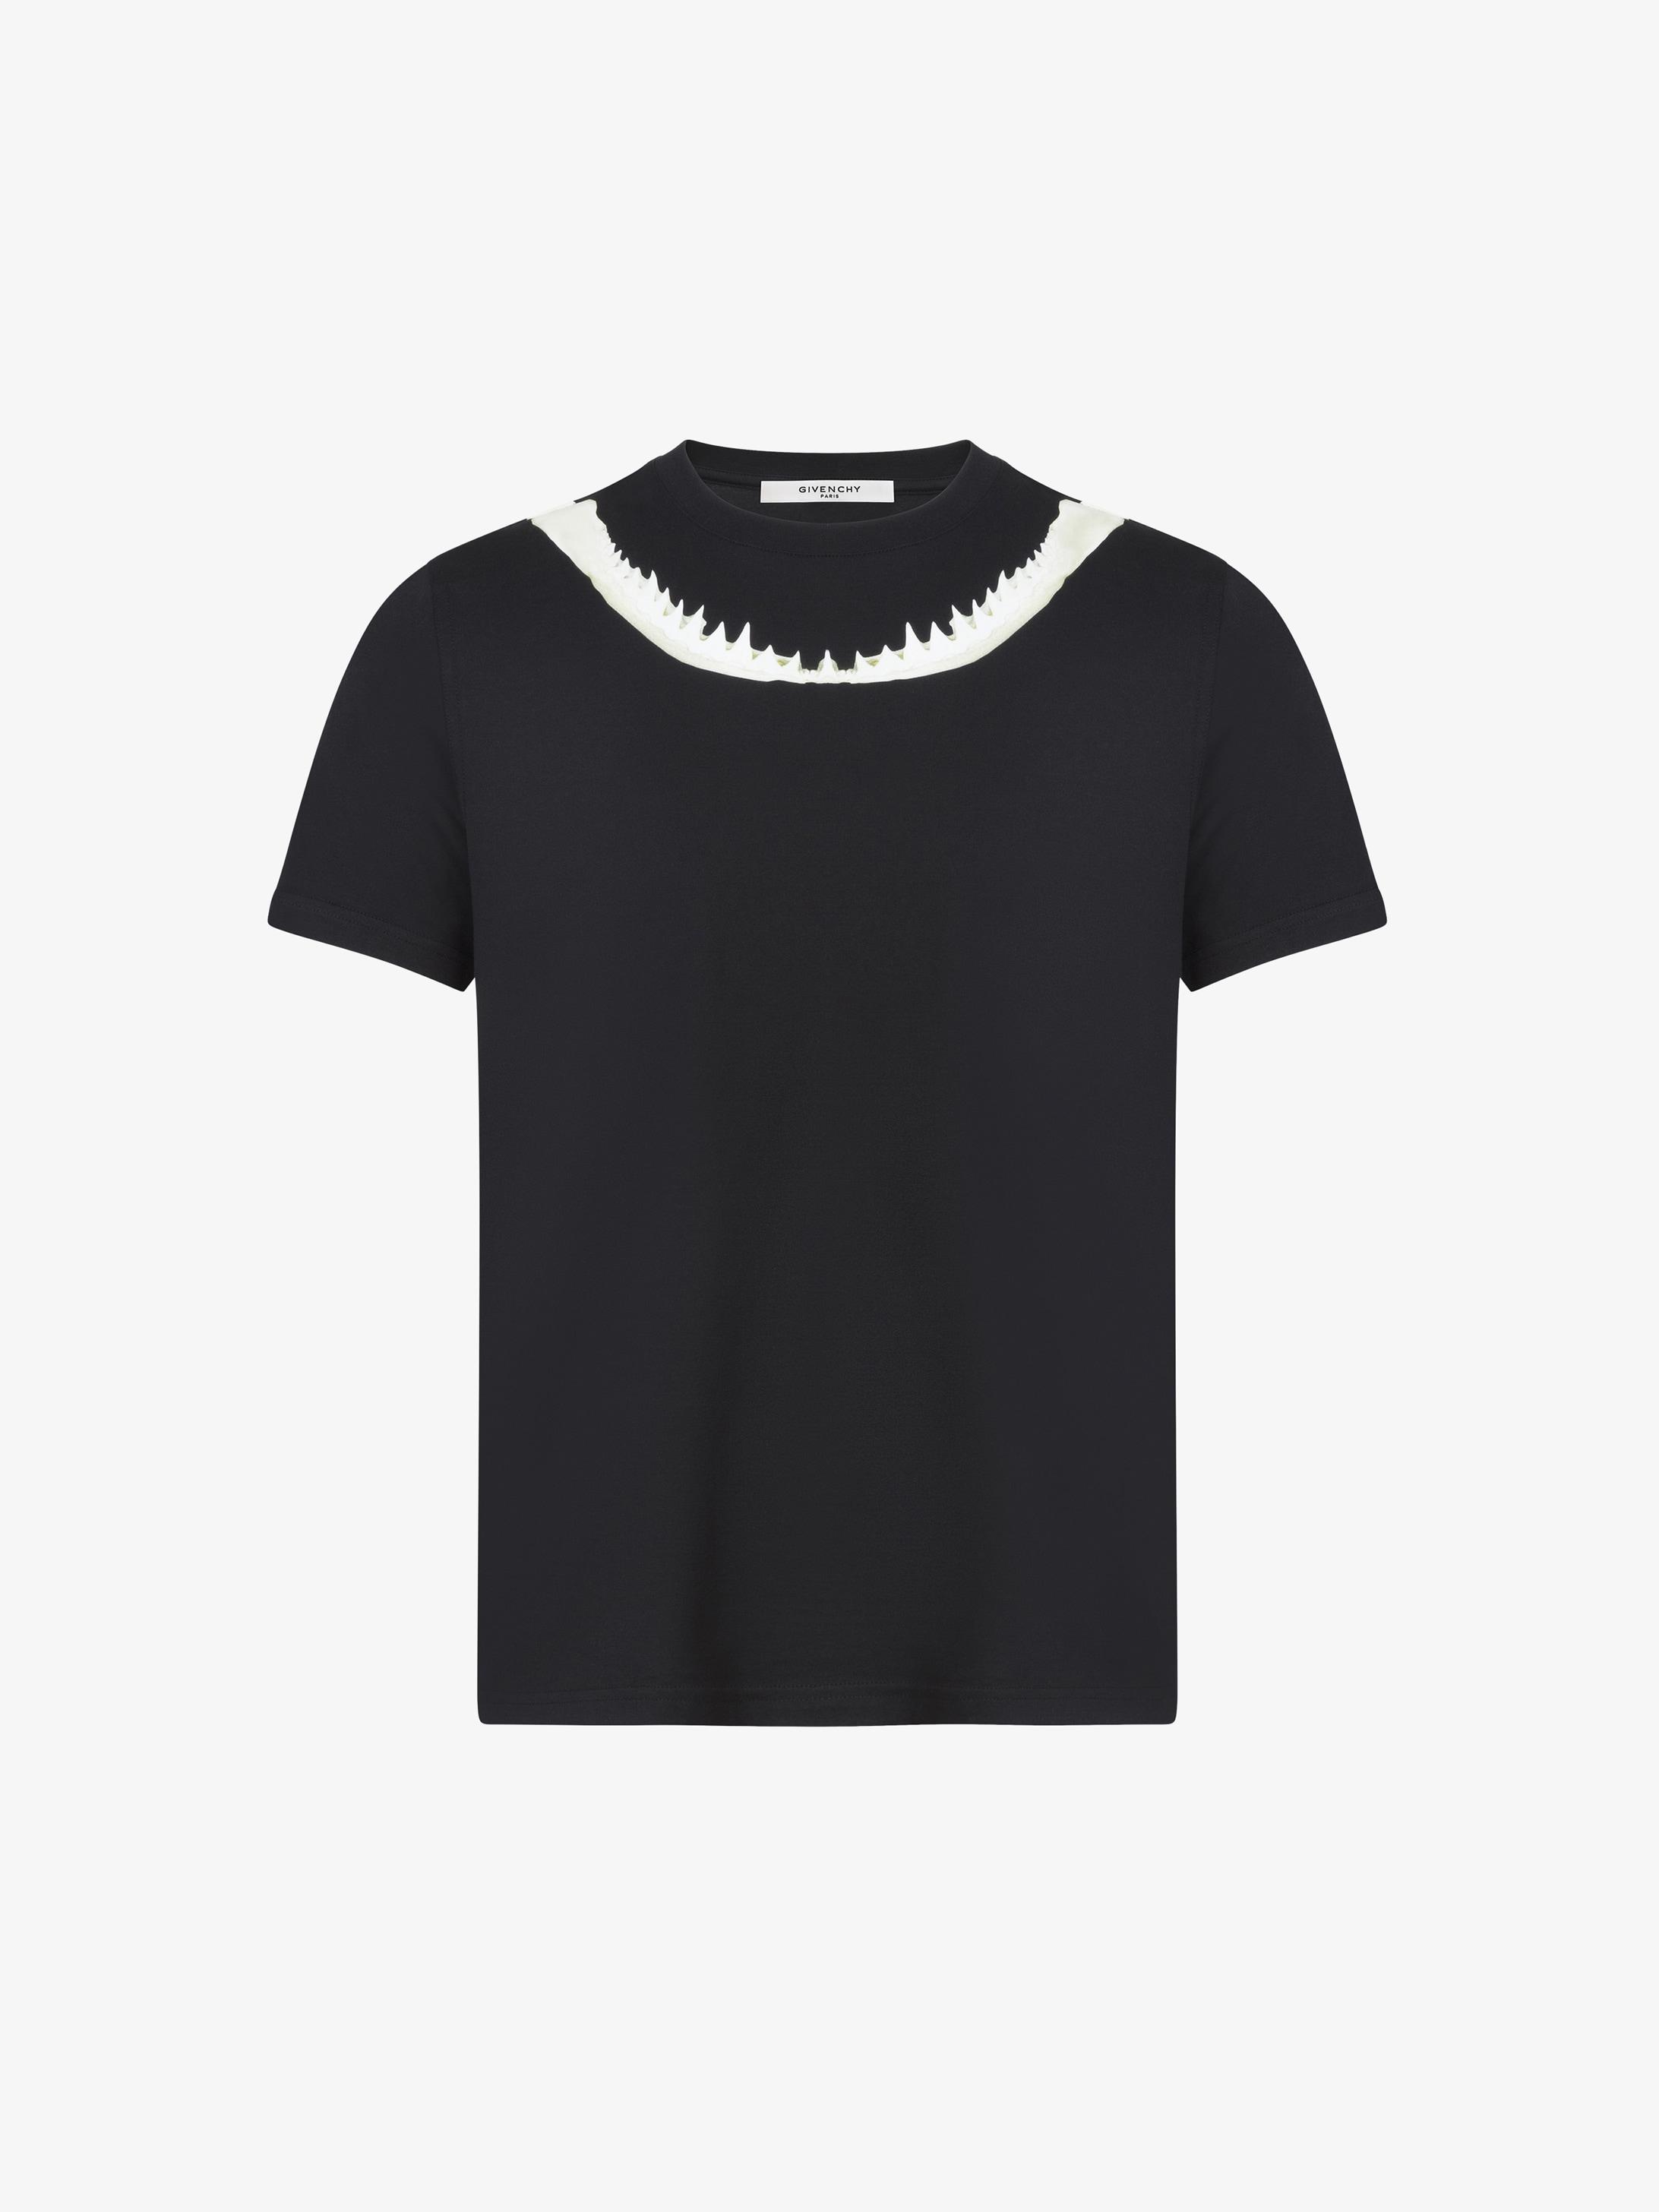 T-shirt imprimé machoires de requin